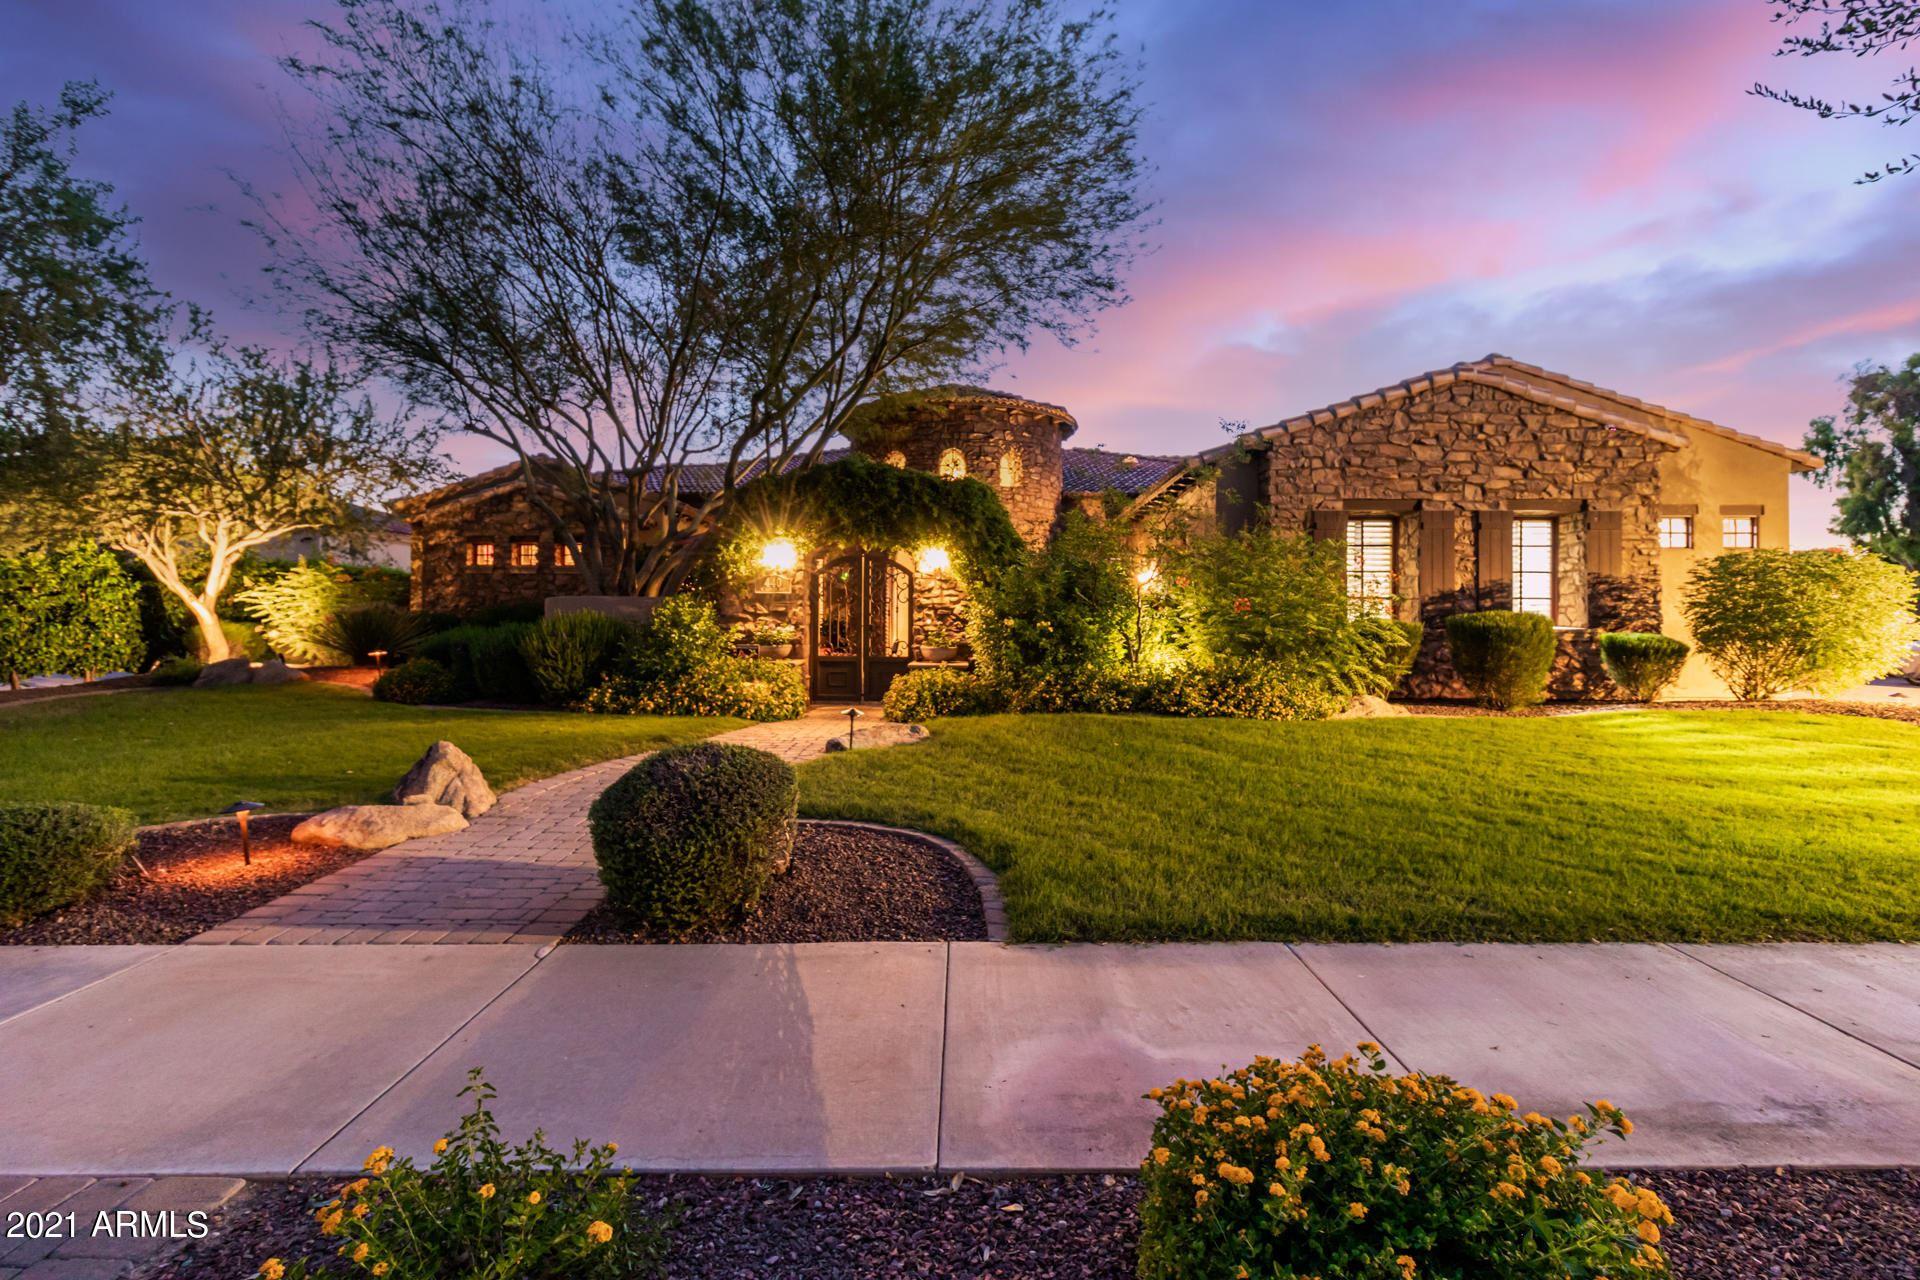 440 N JASMINE Way, Litchfield Park, AZ 85340 - MLS#: 6275994